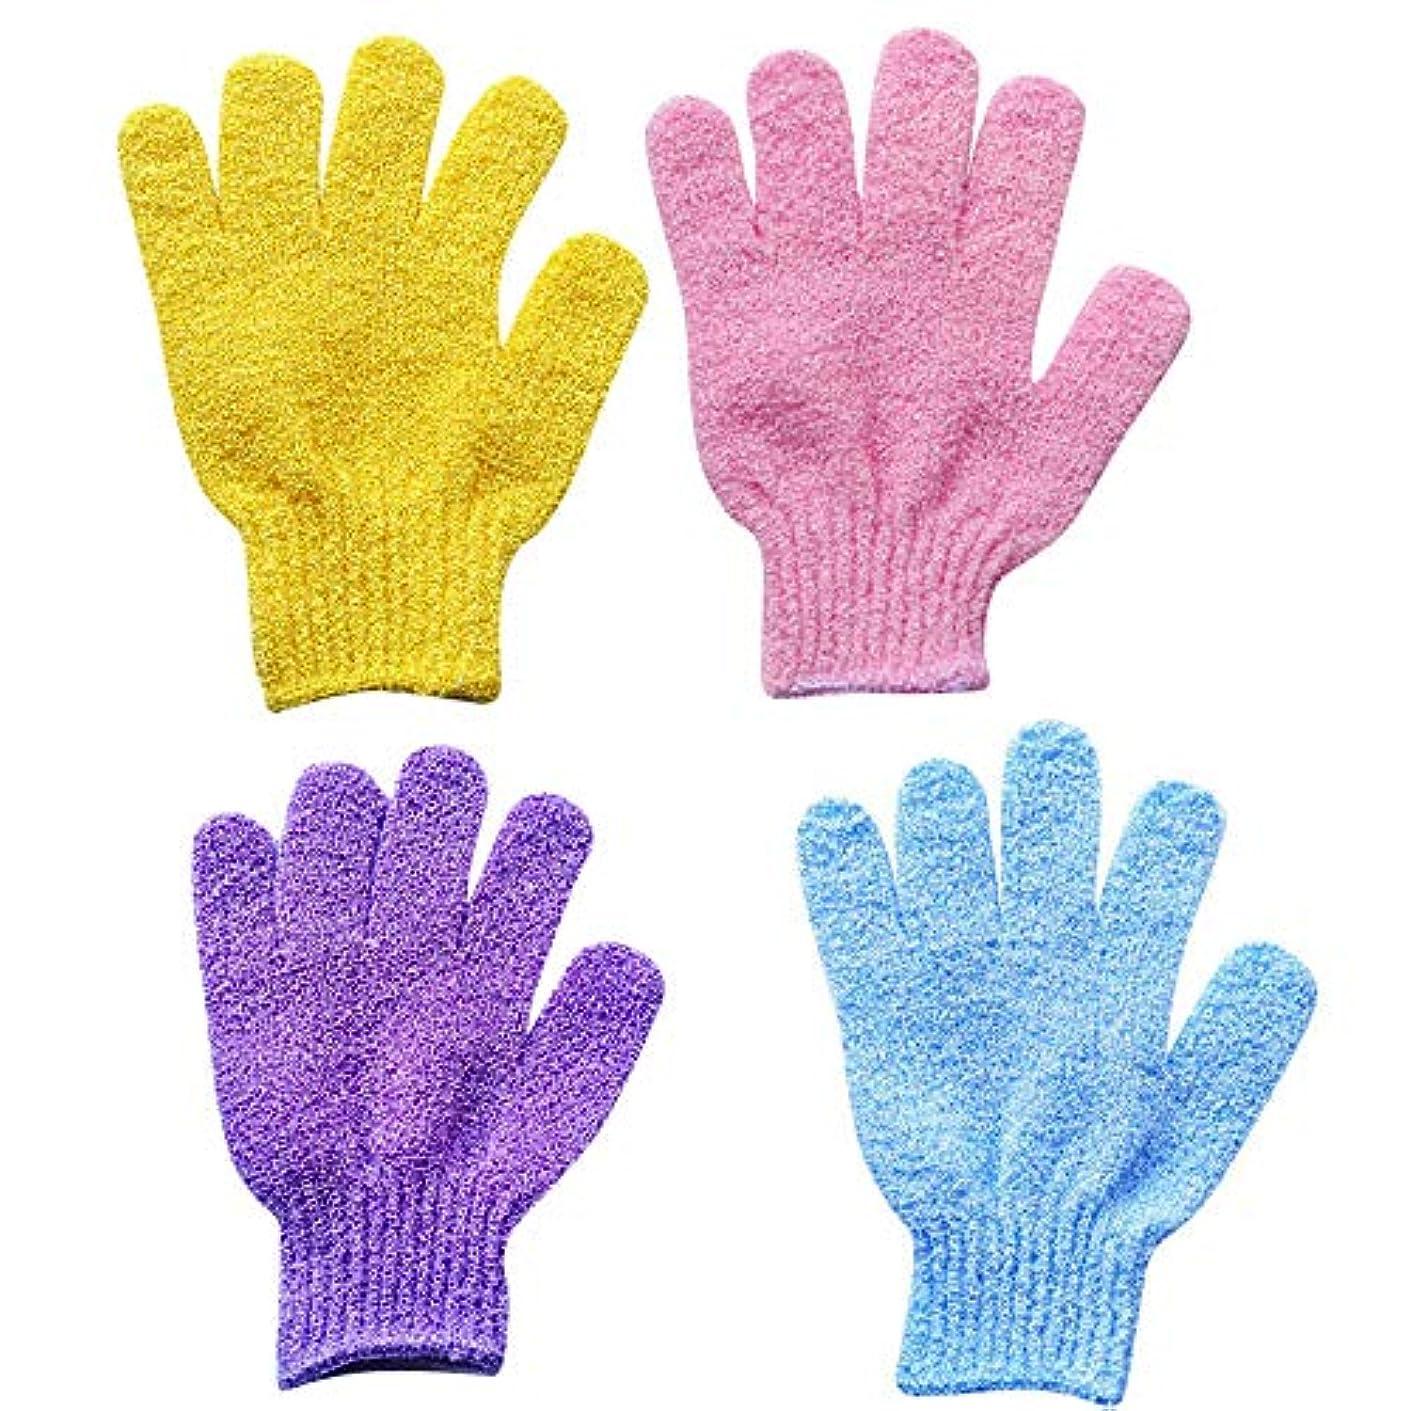 アルプス怒って適合するLittleliving 浴用手袋 ボディタオル 入浴用品 バス用品 垢すり手袋 五本指 毛穴清潔 角質除去 8枚セット